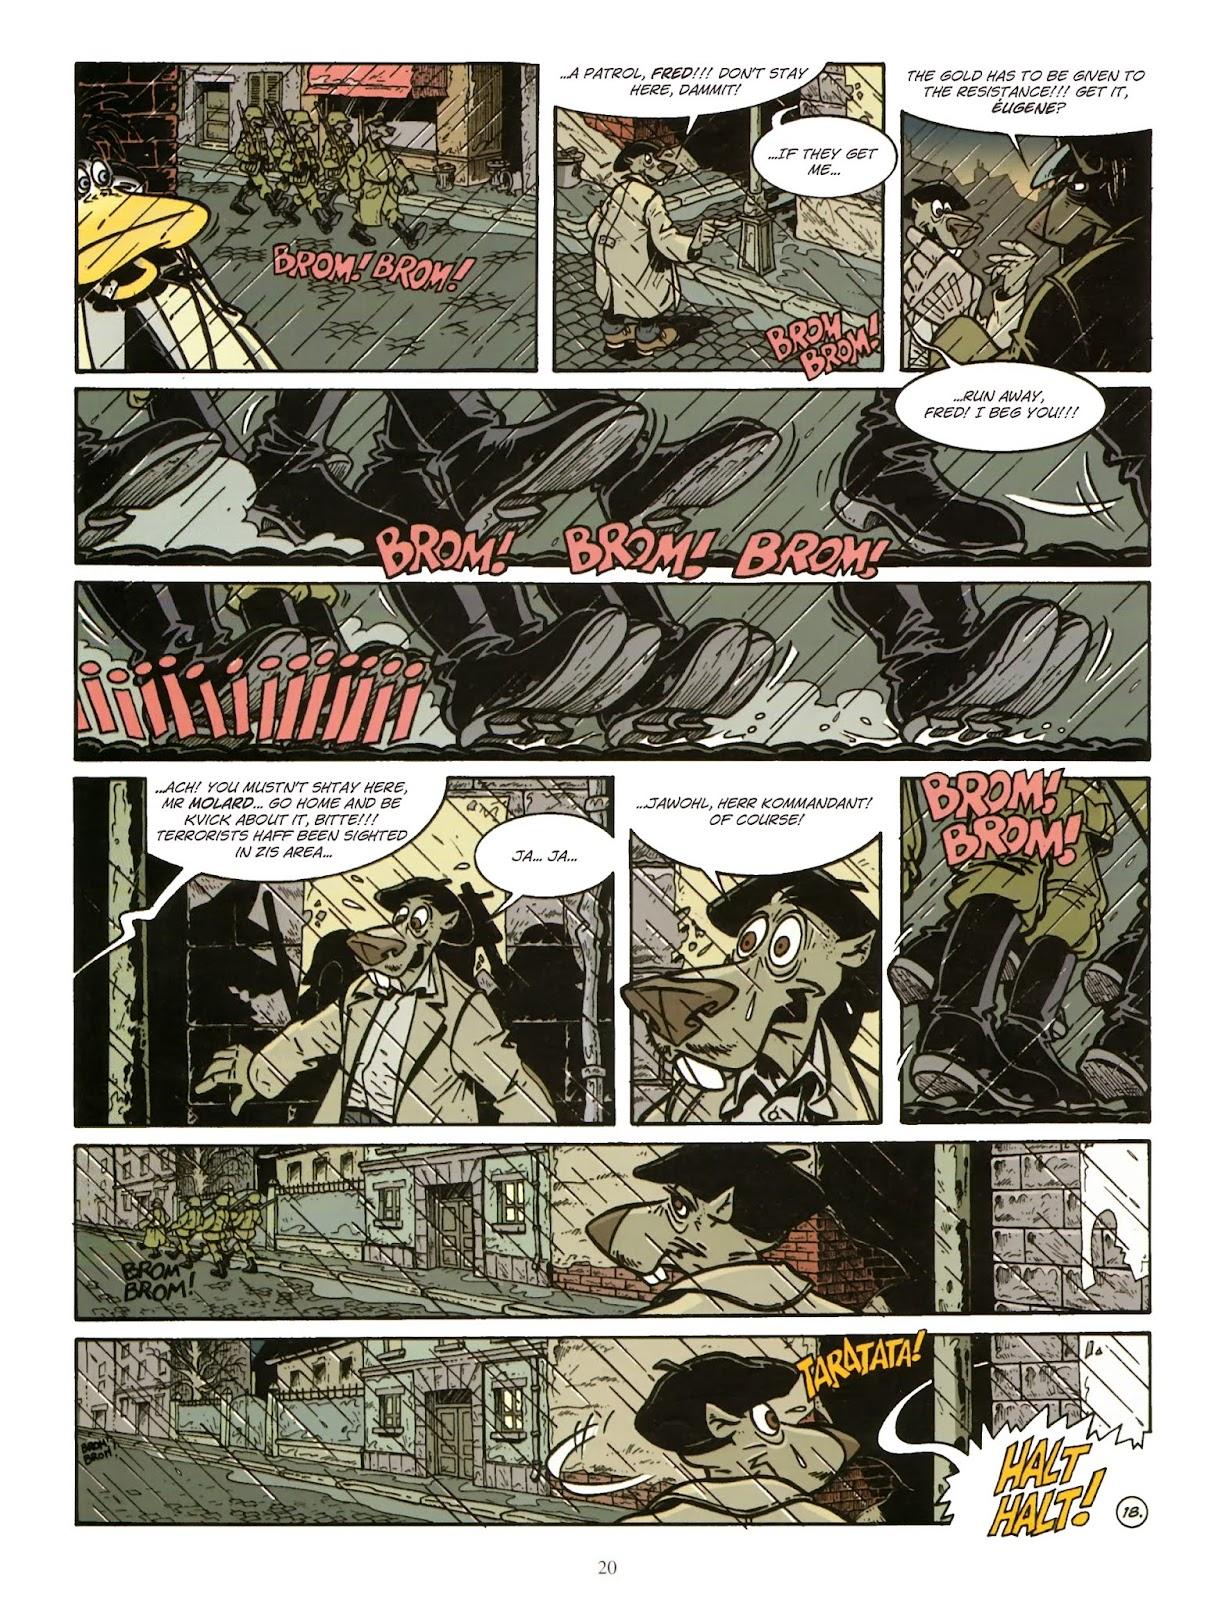 Une enquête de l'inspecteur Canardo issue 11 - Page 21